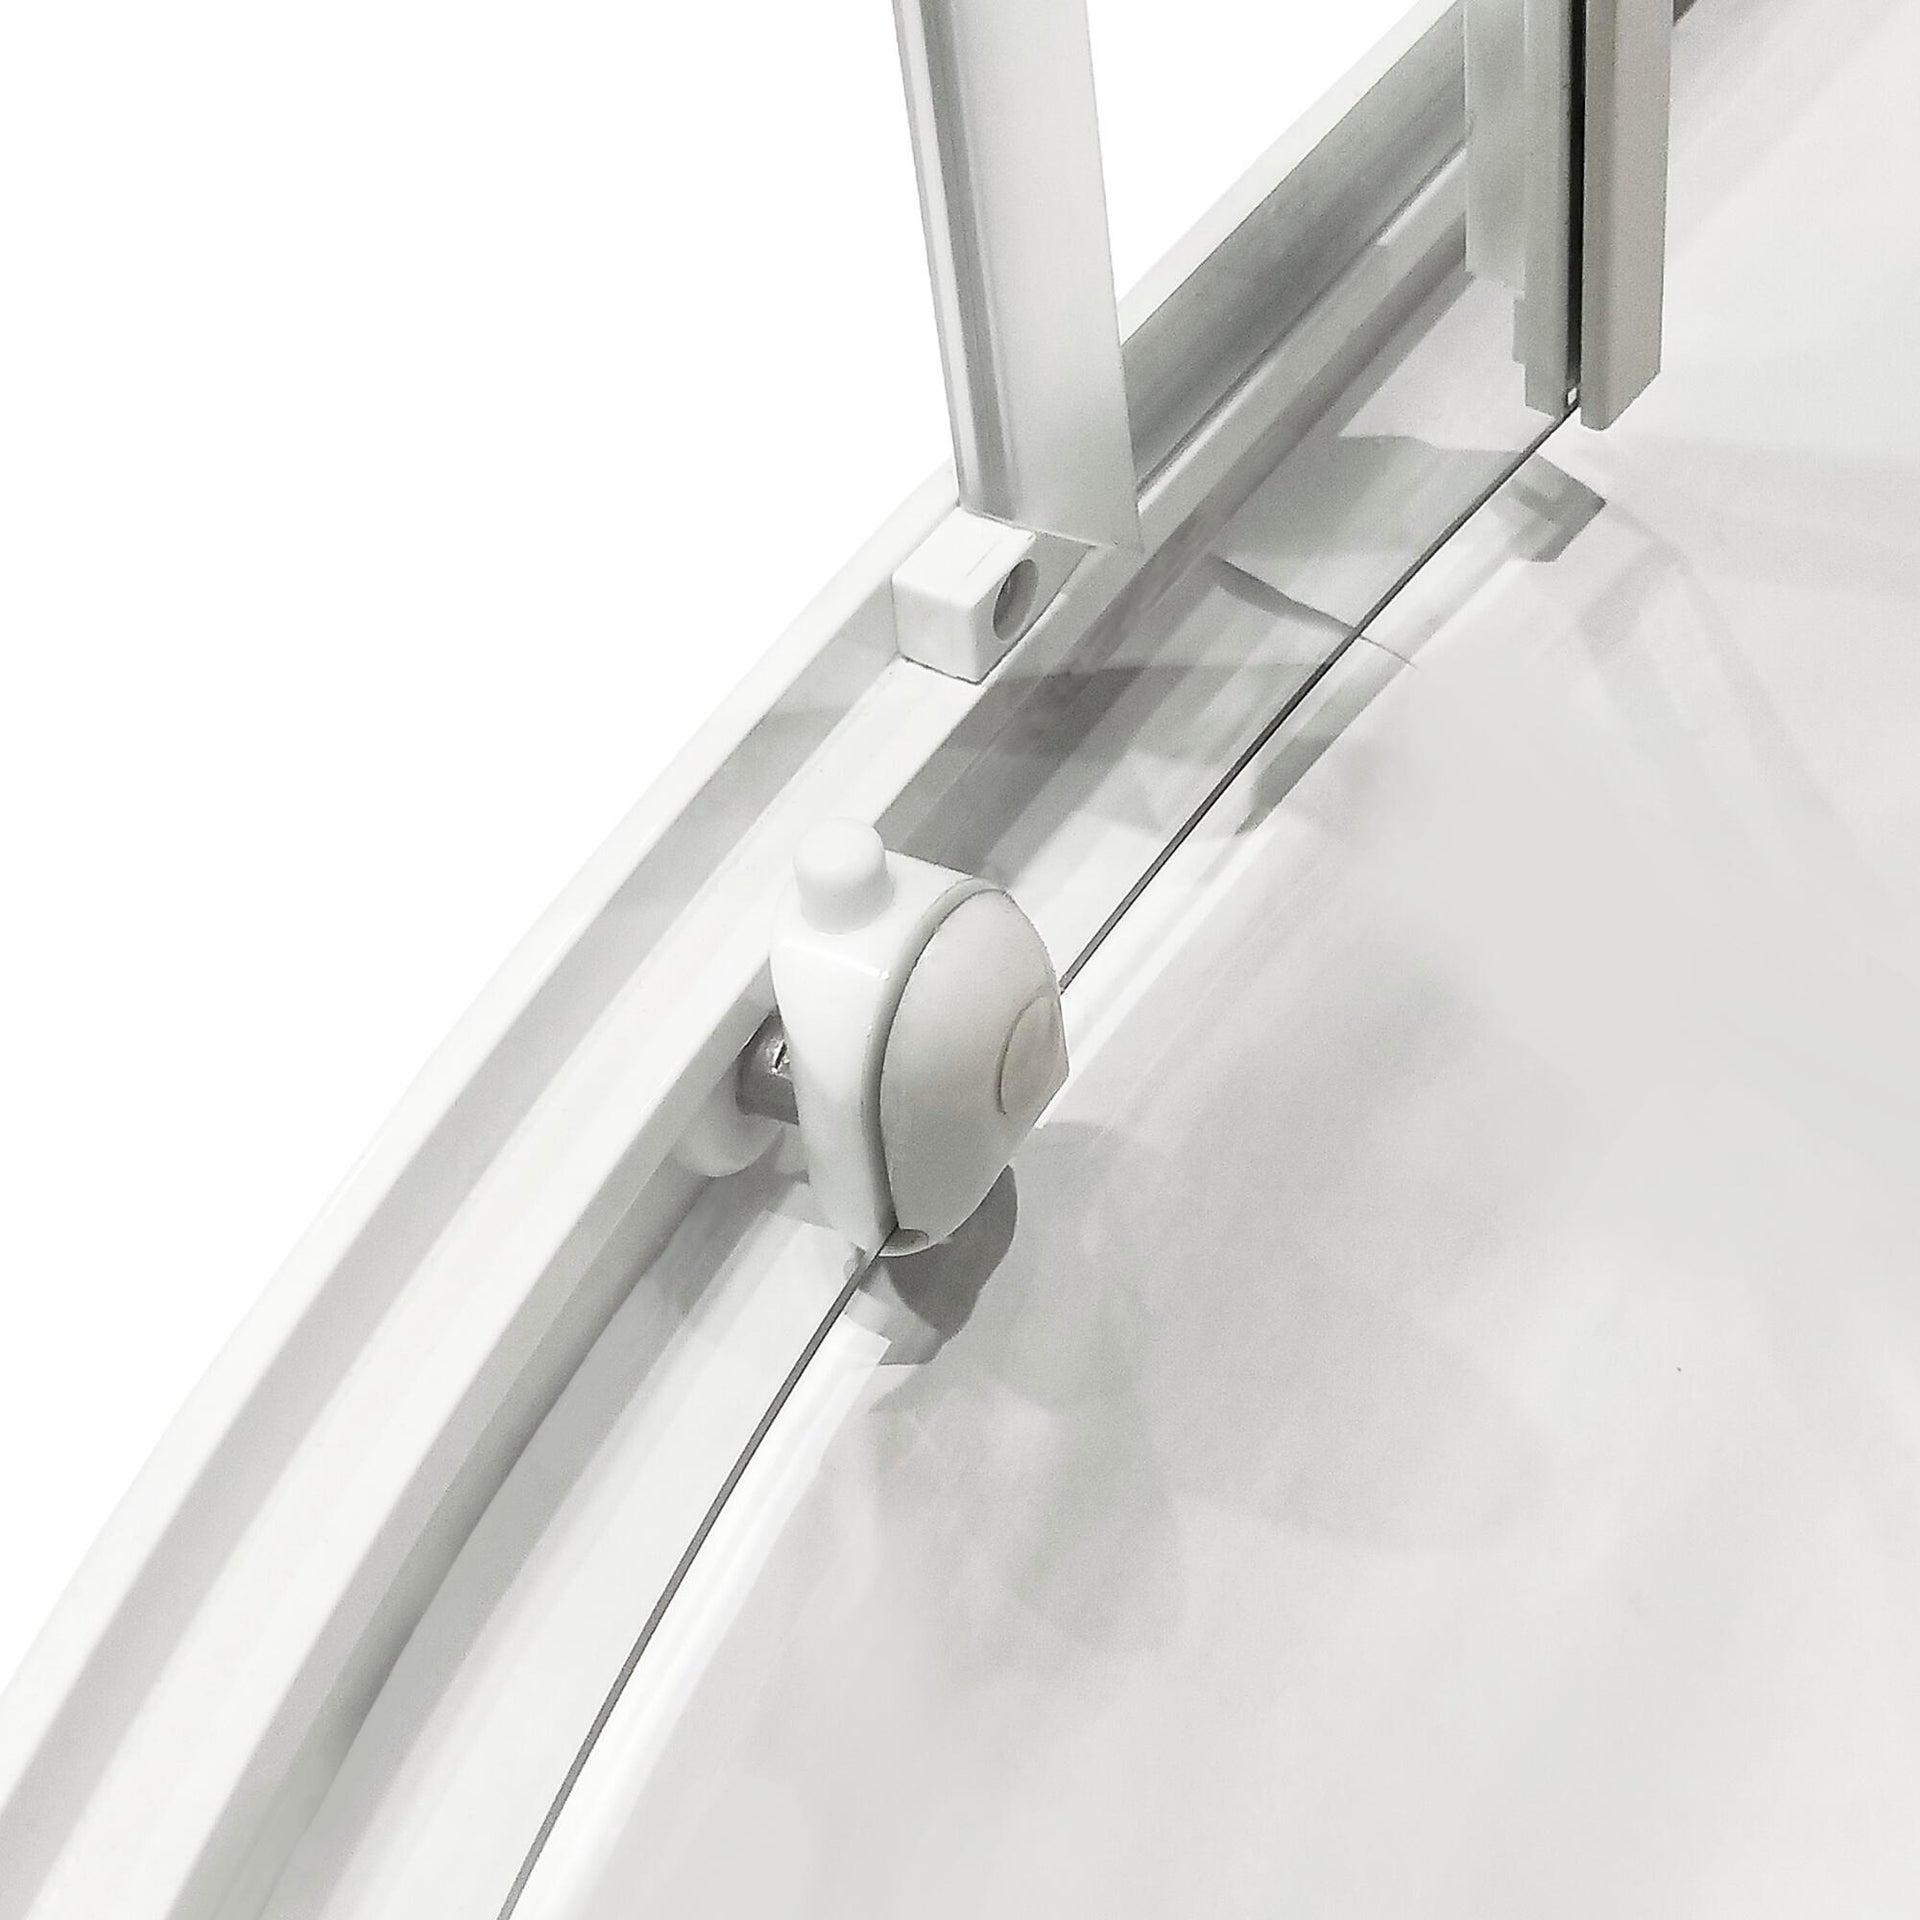 Box doccia semicircolare scorrevole Essential 90 x 90 cm, H 185 cm in vetro temprato, spessore 4 mm serigrafato bianco - 3